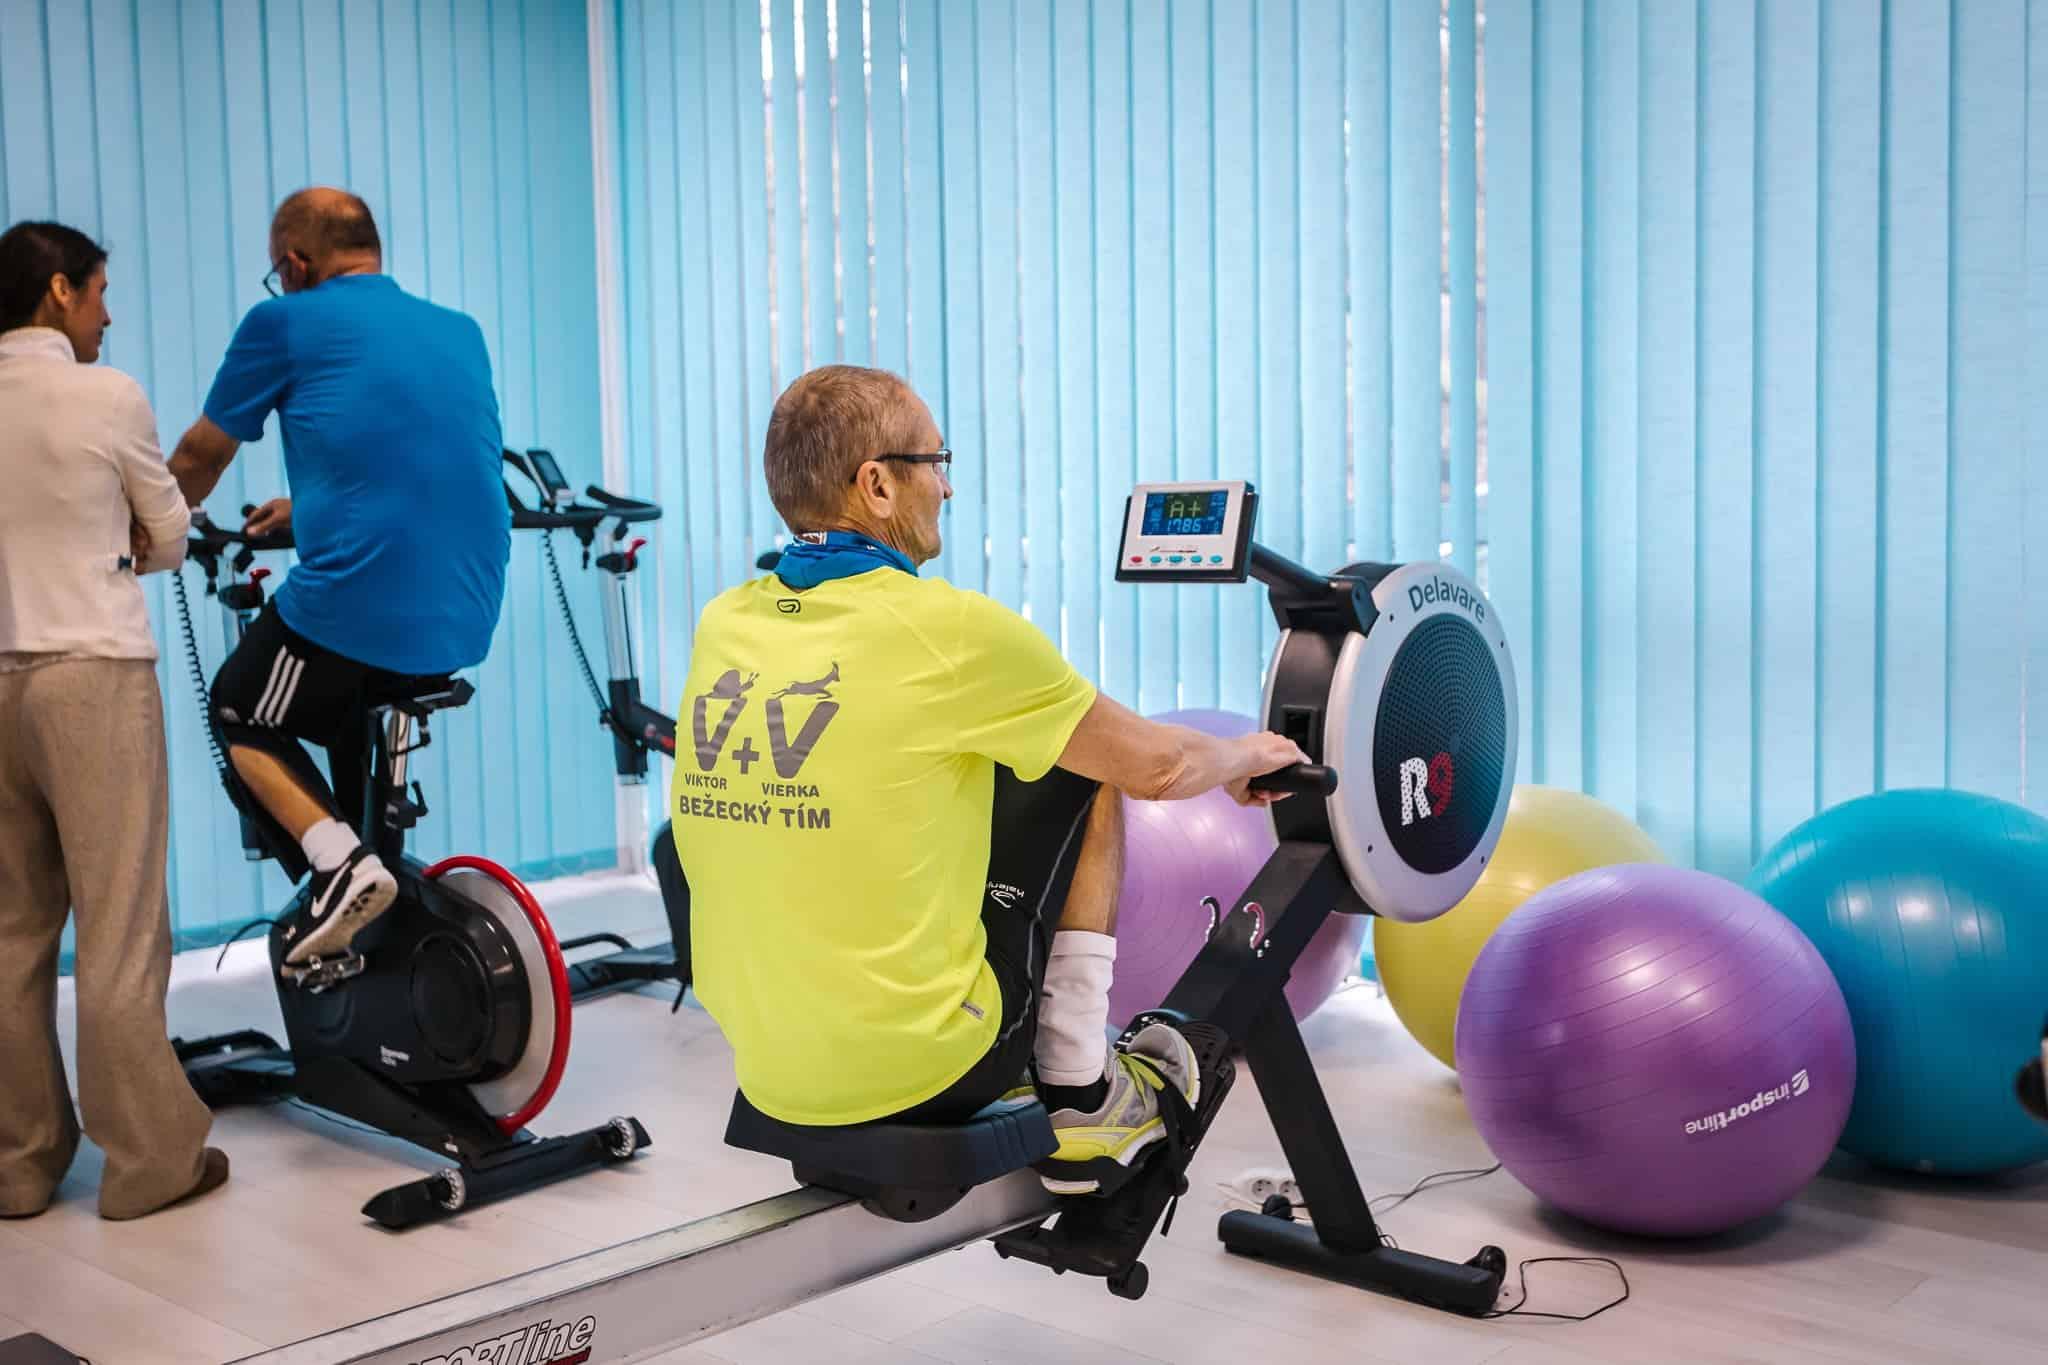 Nakopnúť sa k fyzickej aktivite sa naozaj oplatí, potvrdzujú to aj odborníci